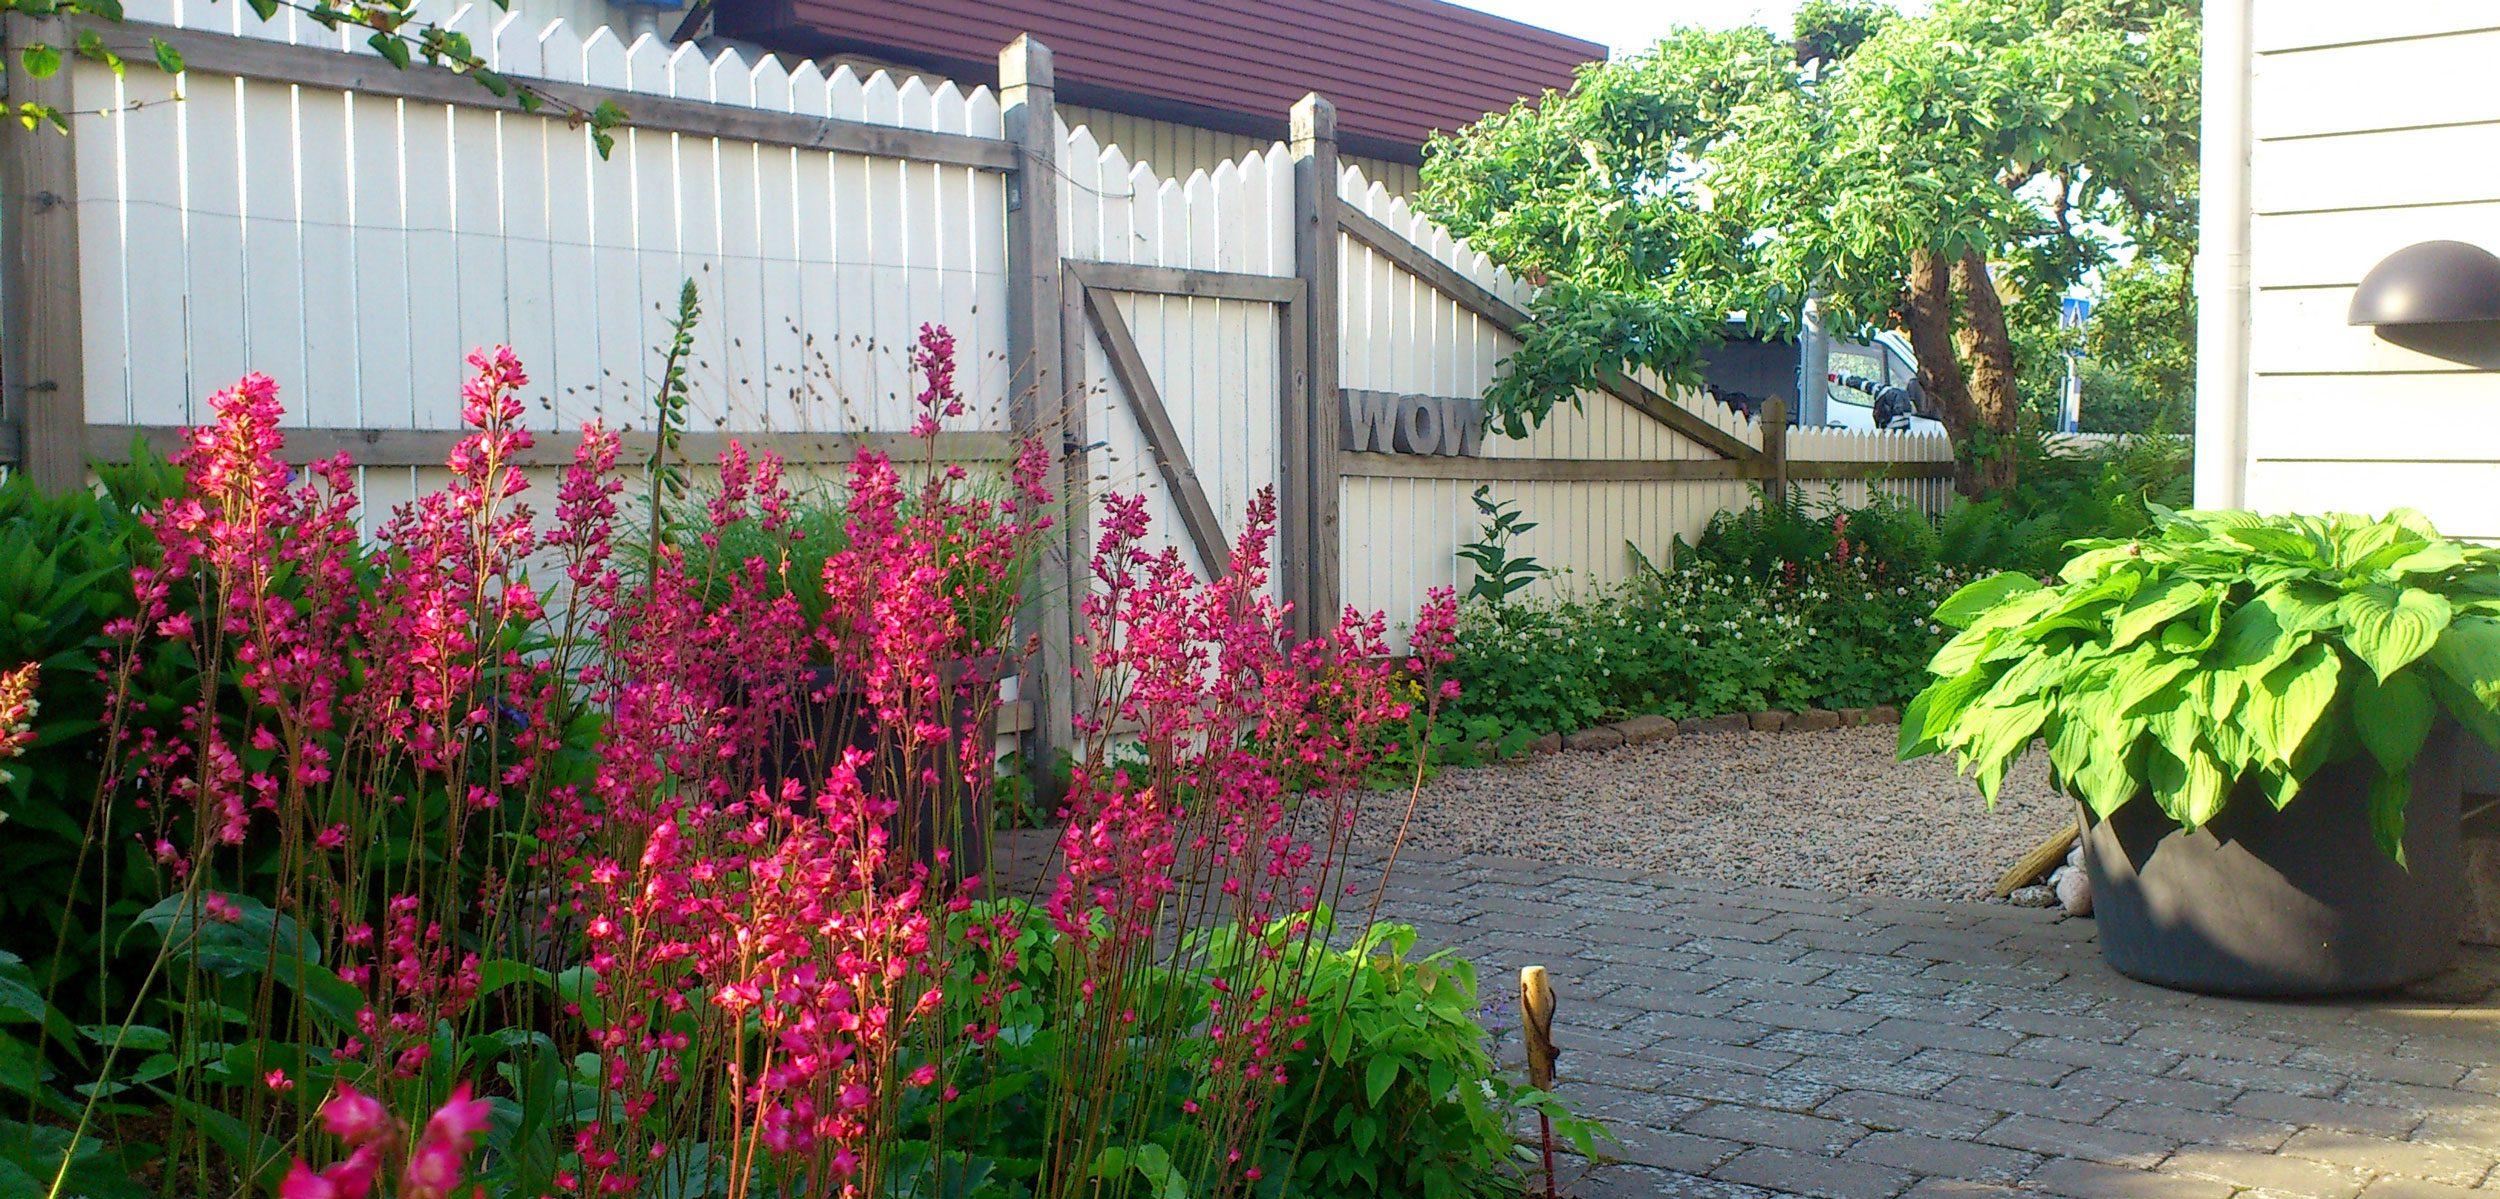 Rosa blomspiror i förgrunden,, en grusgång och ett vitt staket med ordet WOW i 3D-bokstäver.